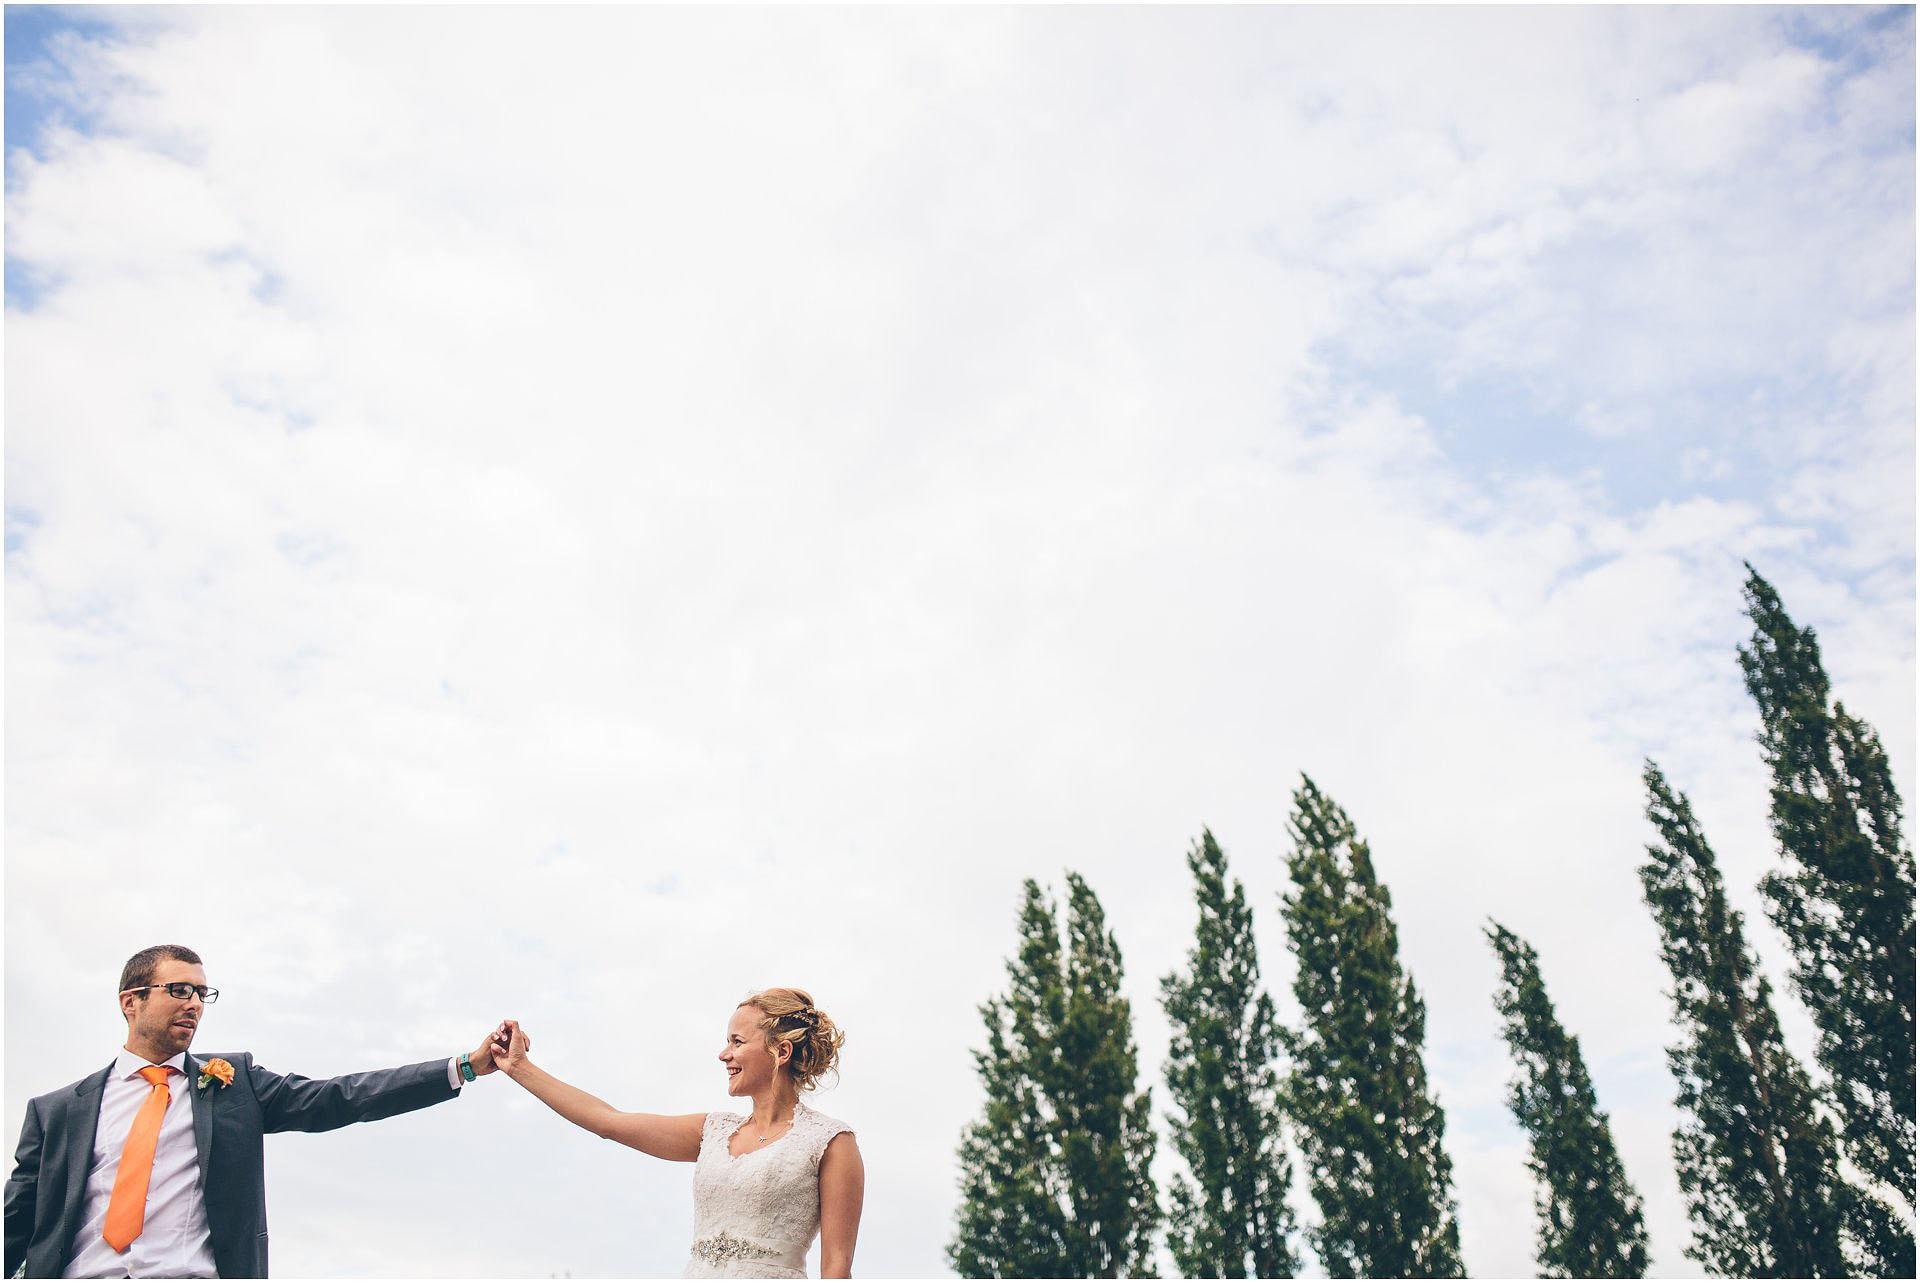 Cock_O'Barton_Wedding_Photography_0127